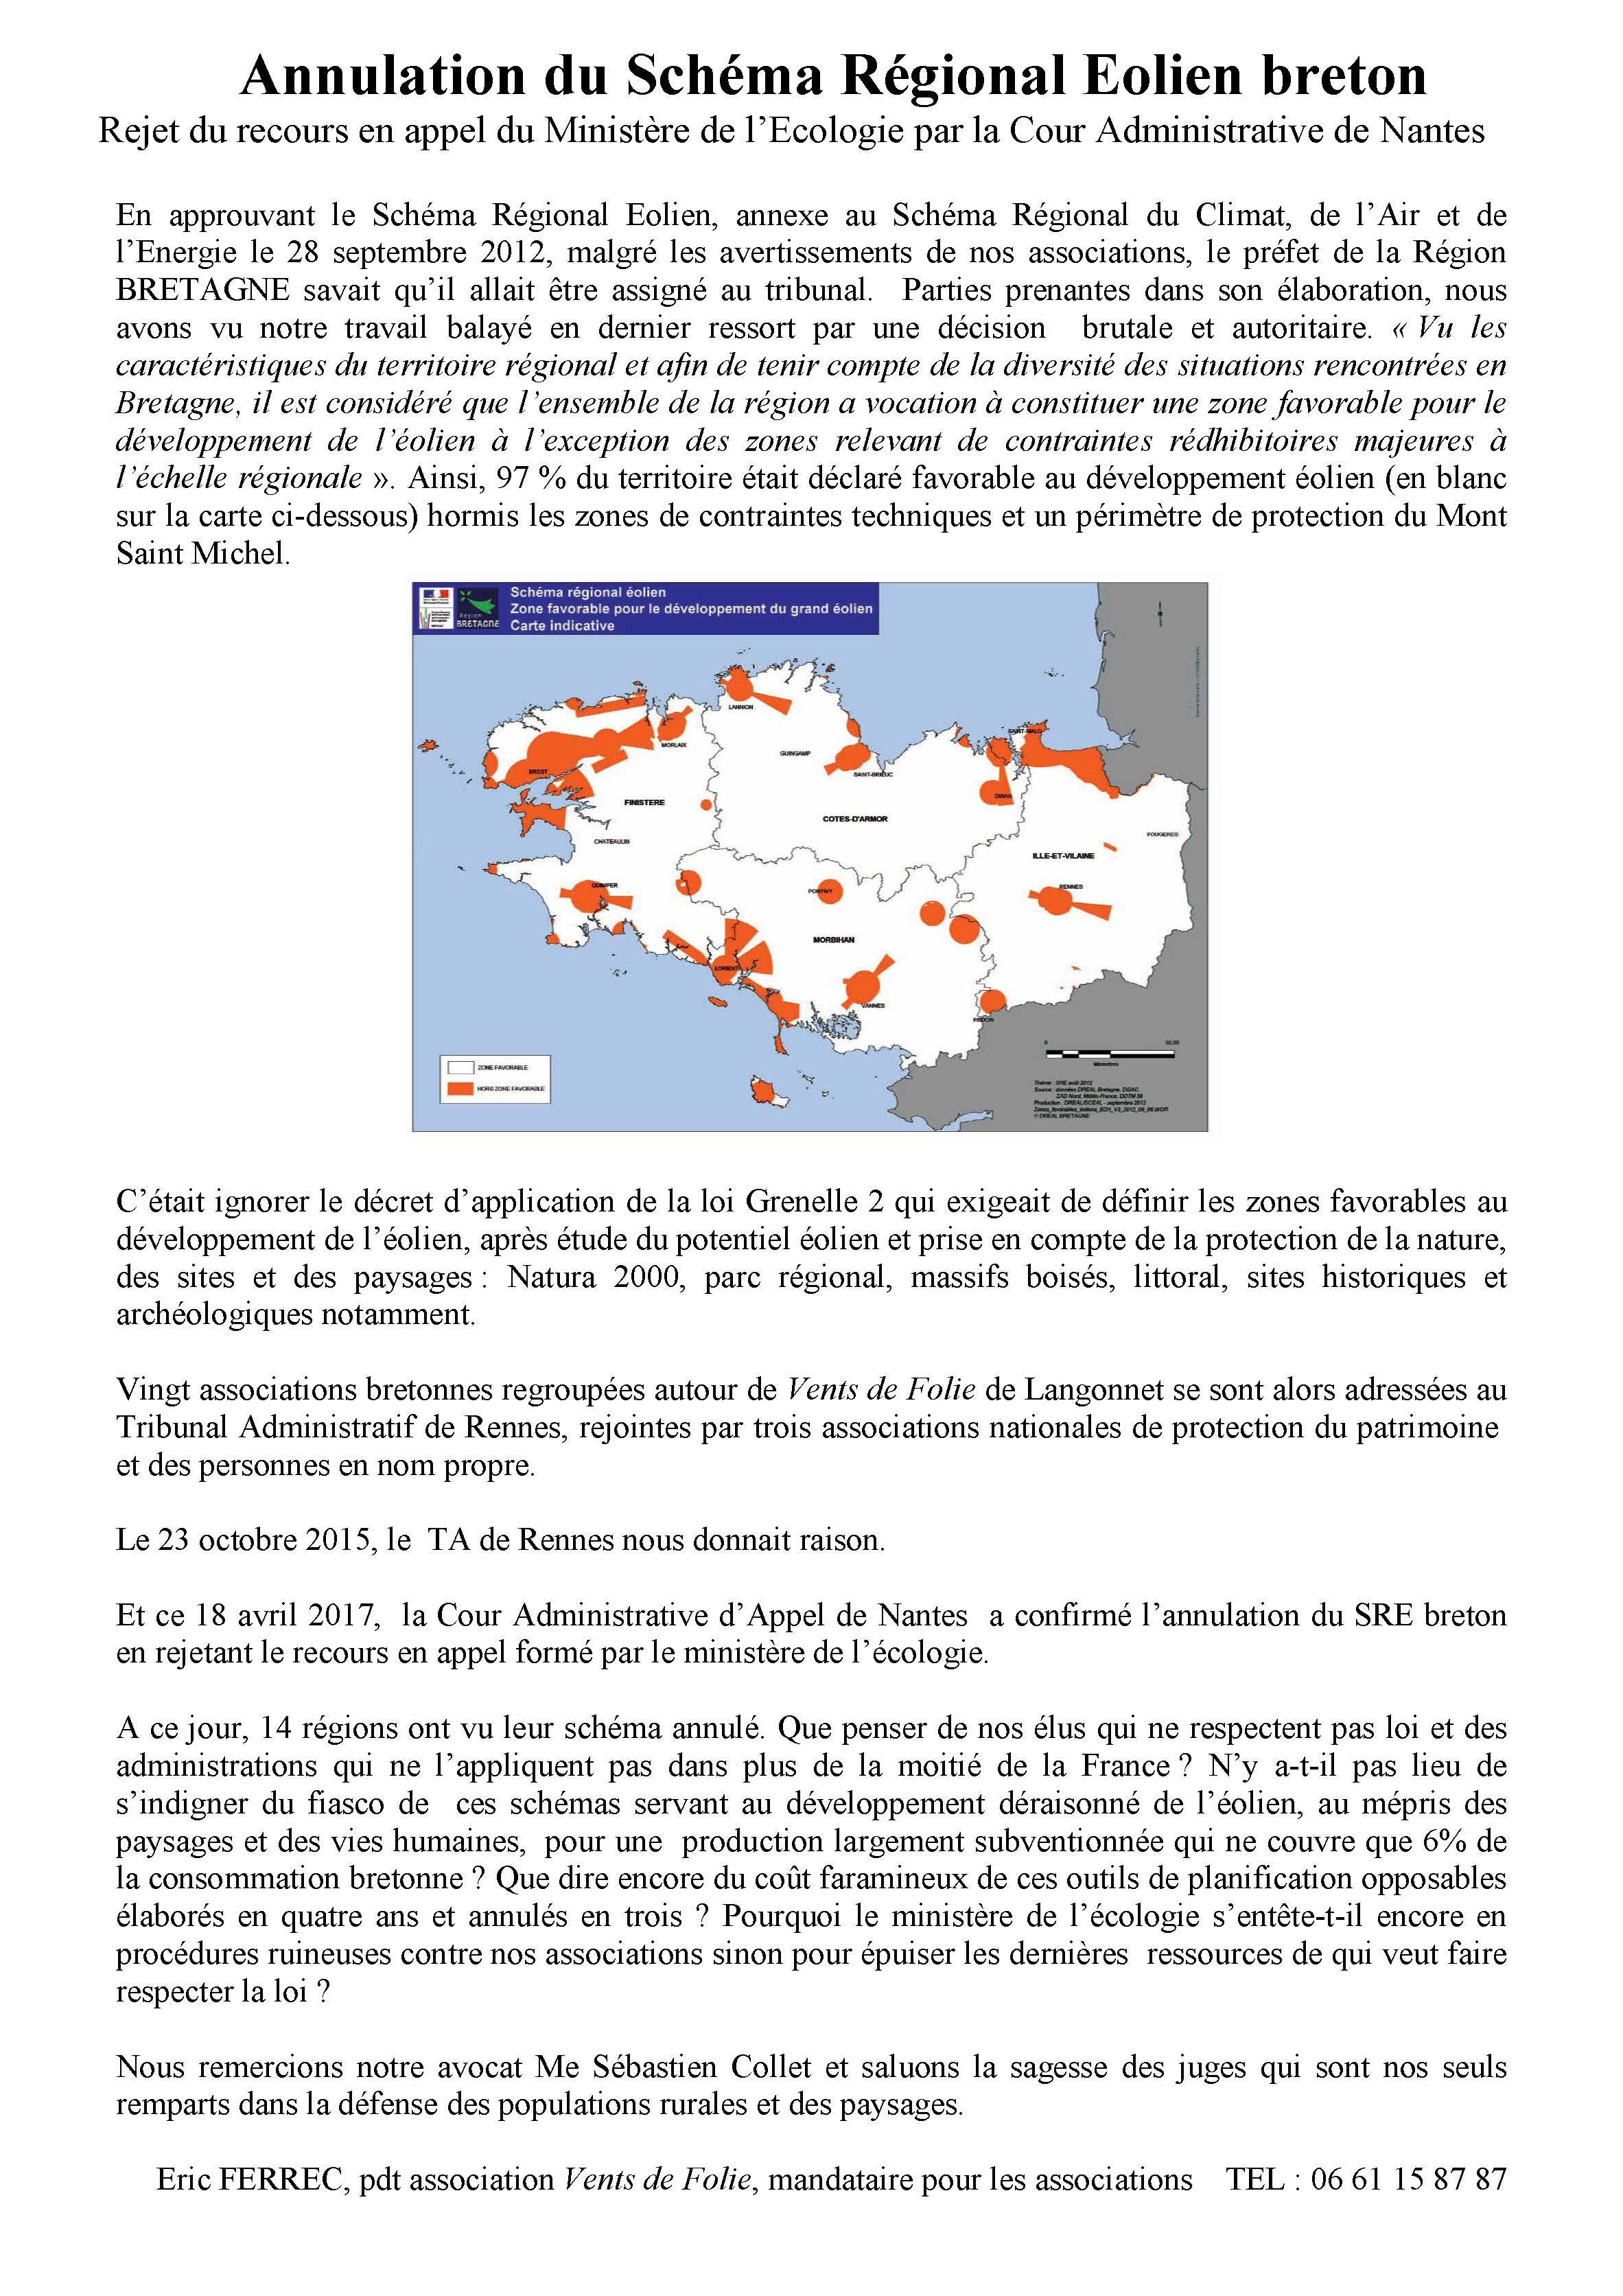 SRE Bretagne communique associations